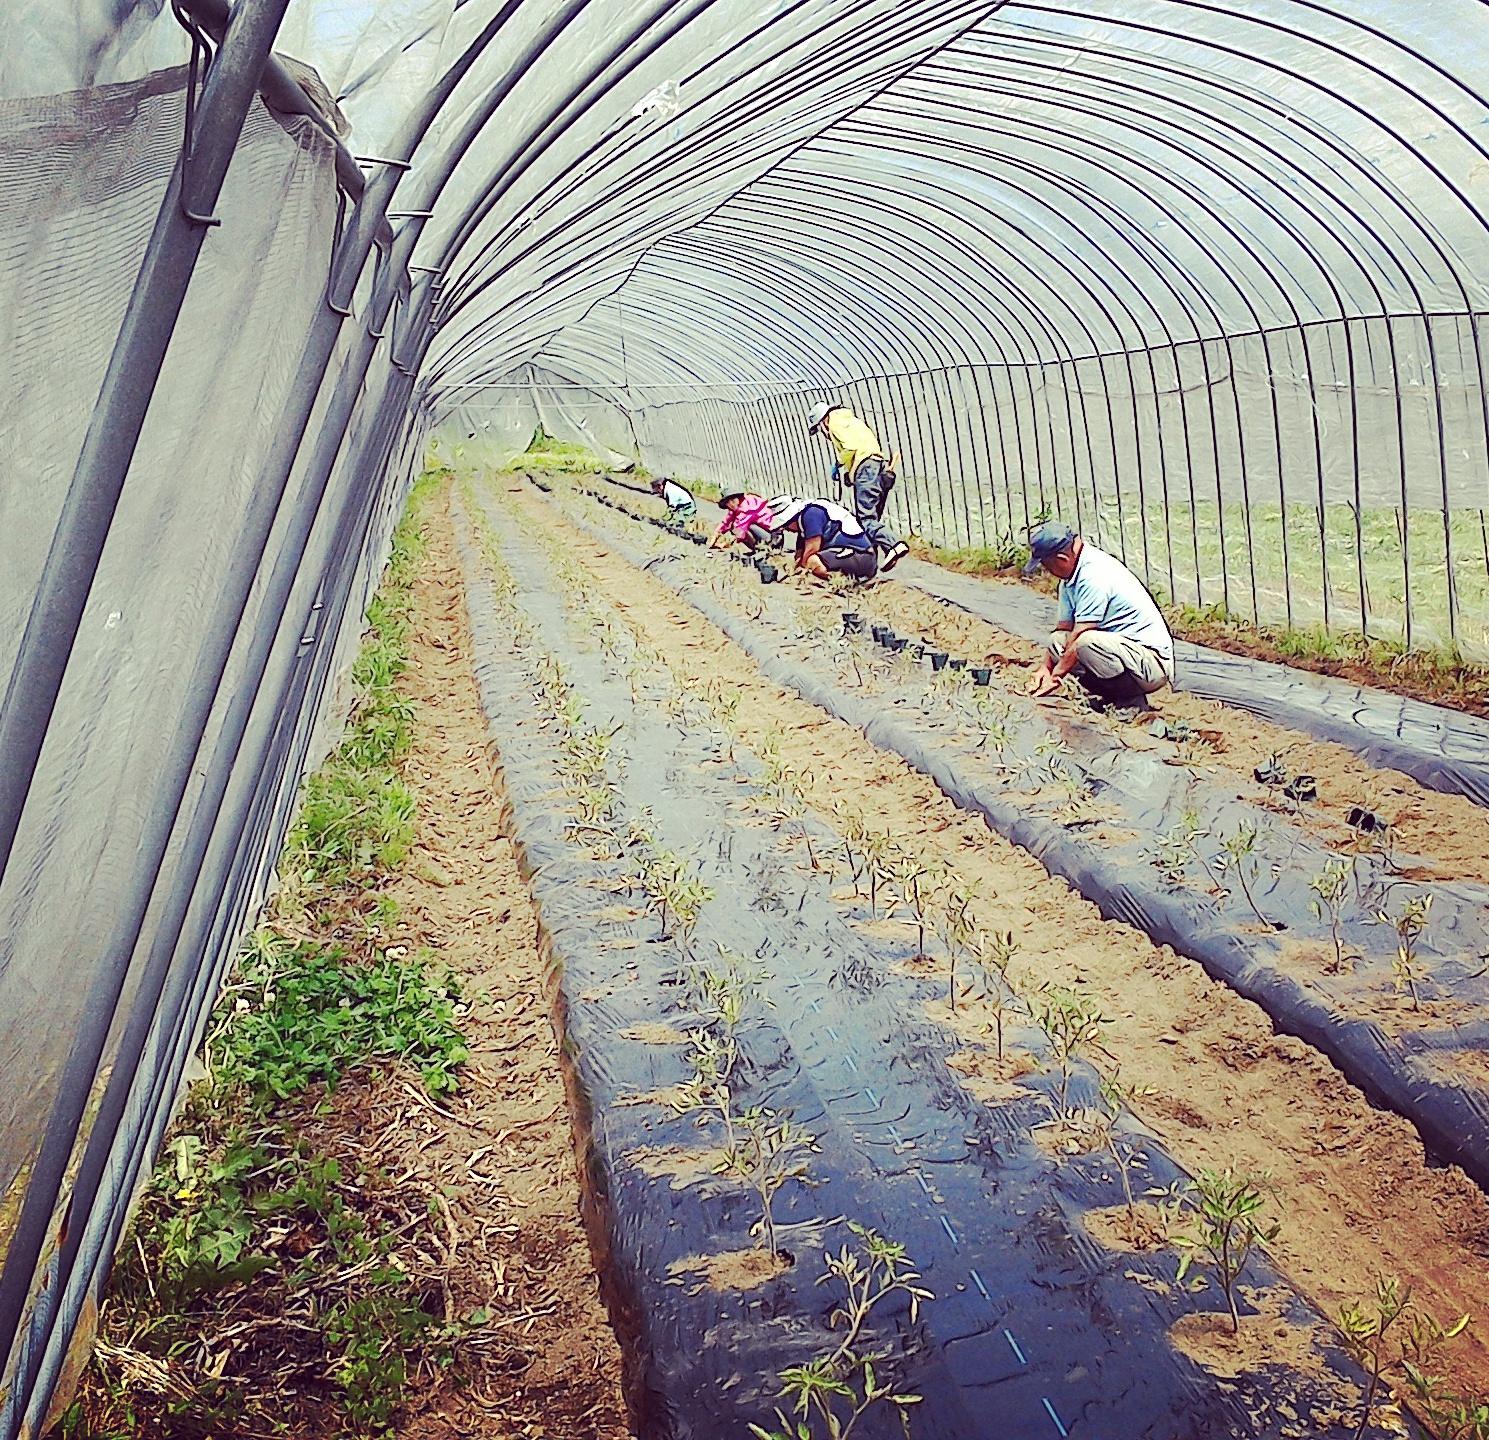 トマト二日間で2000鉢 植付け+ ハウスビニール張り & 畝立てマルチ張り~ 一気作業f^_^;